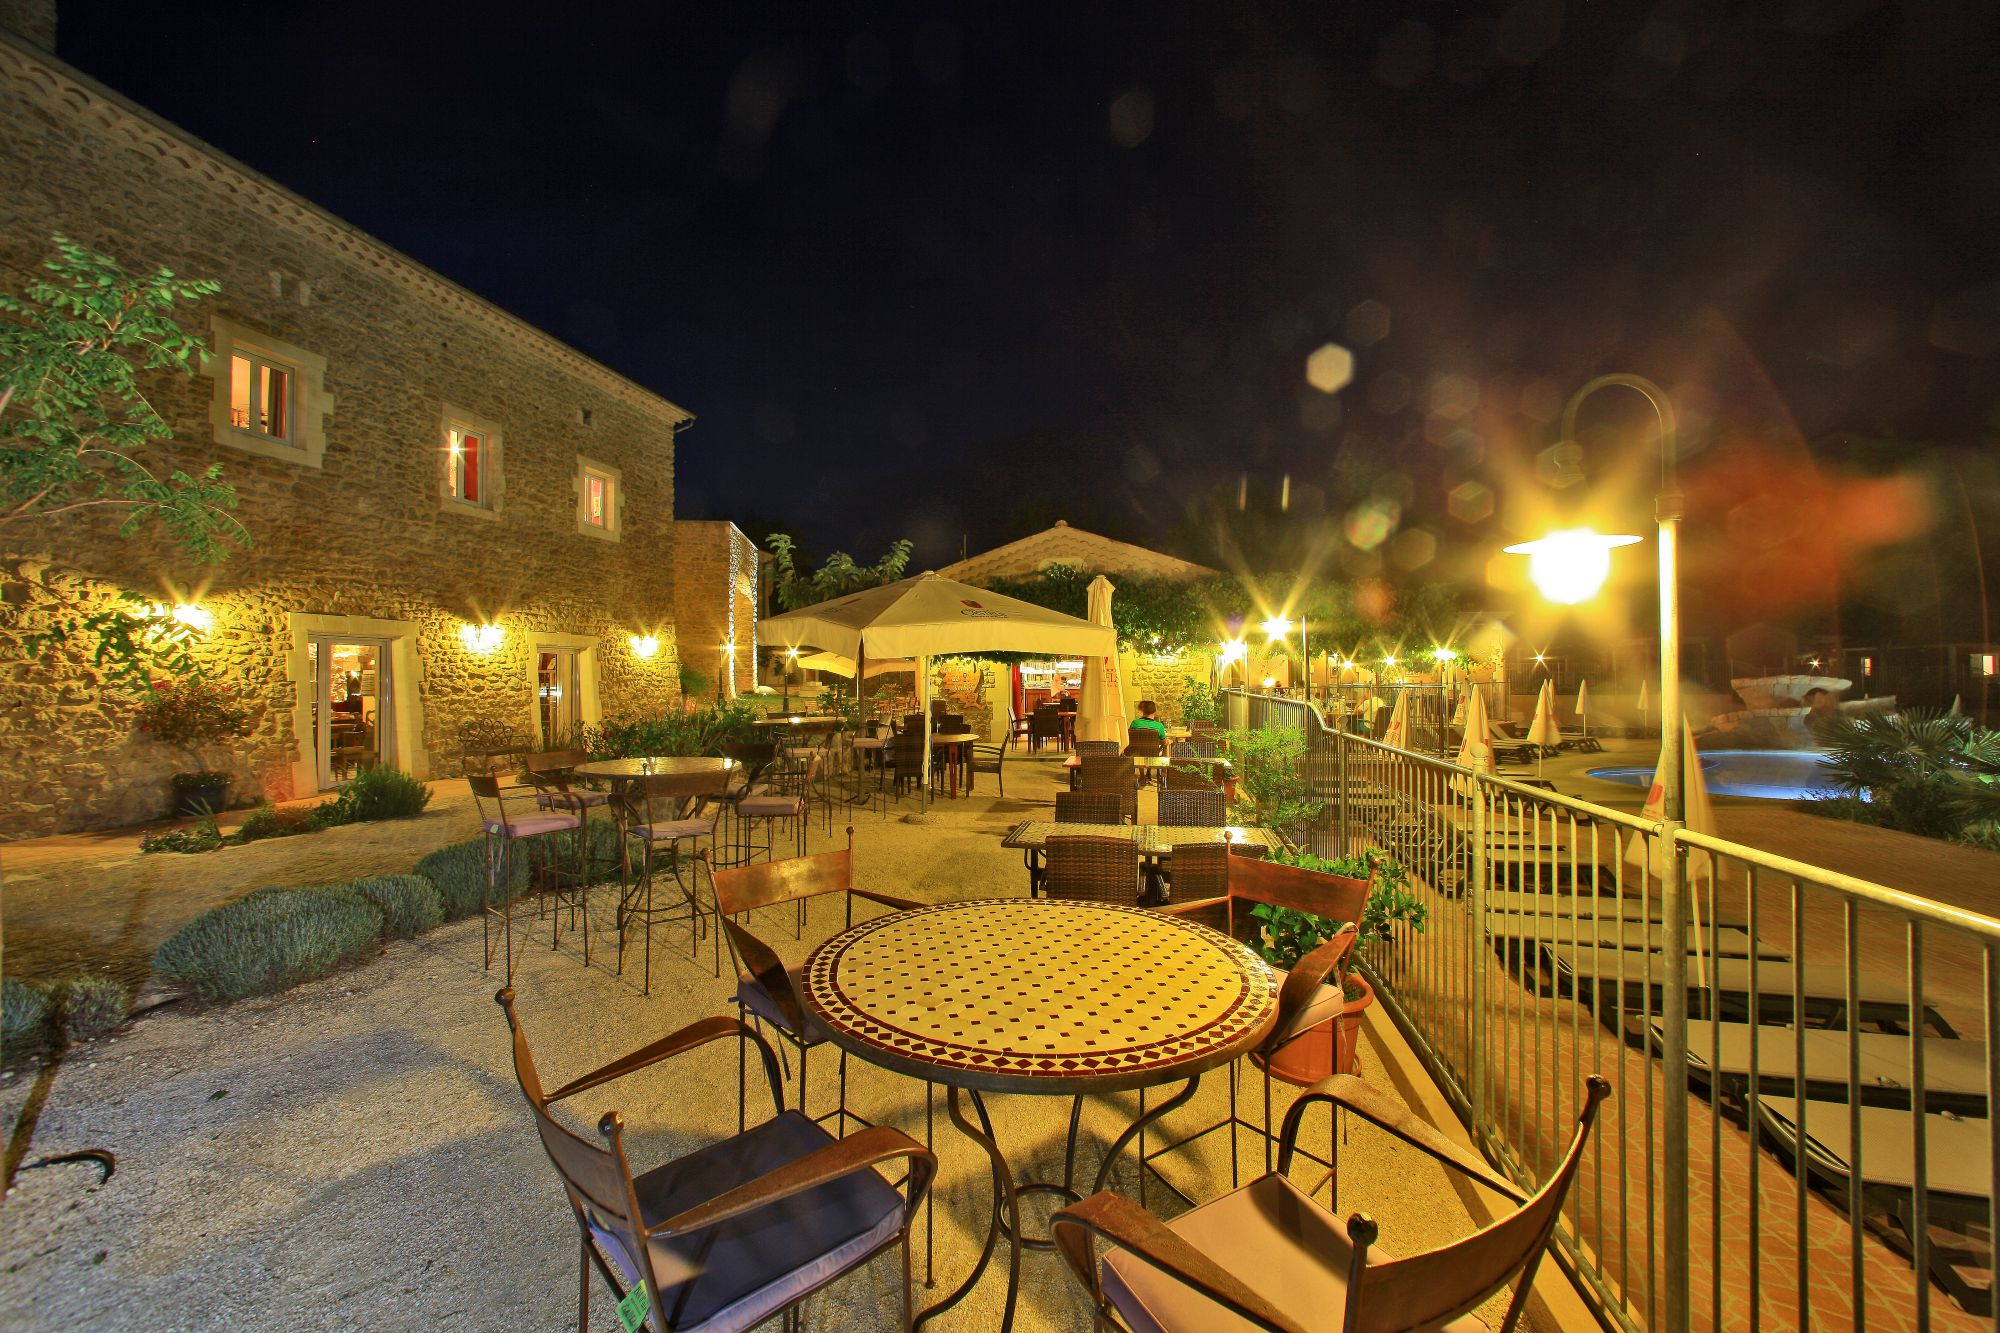 domaine sevenier camping 5 etoiles ardeche restaurant galerie photo4 - Sur Place